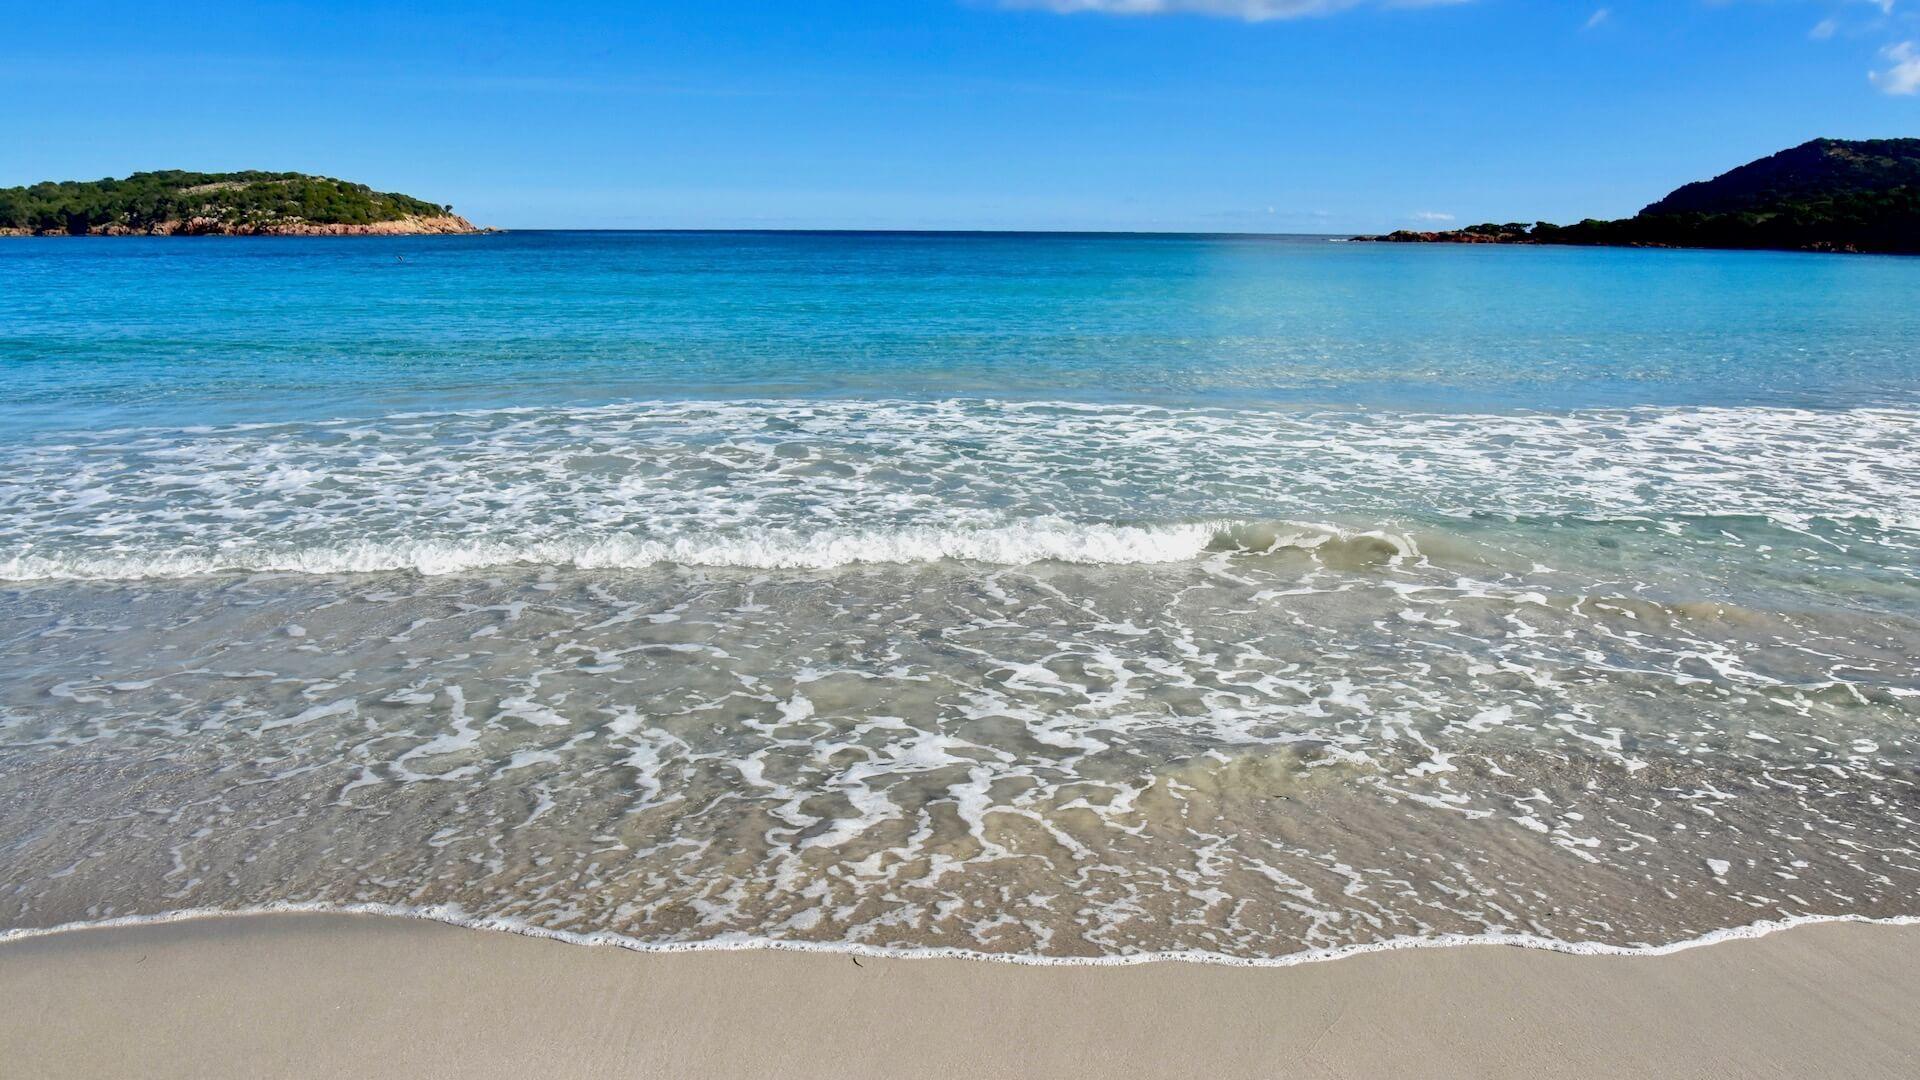 La Plage De Rondinara En Corse Du Sud Corse Du Sud Corse Plage Paradisiaque